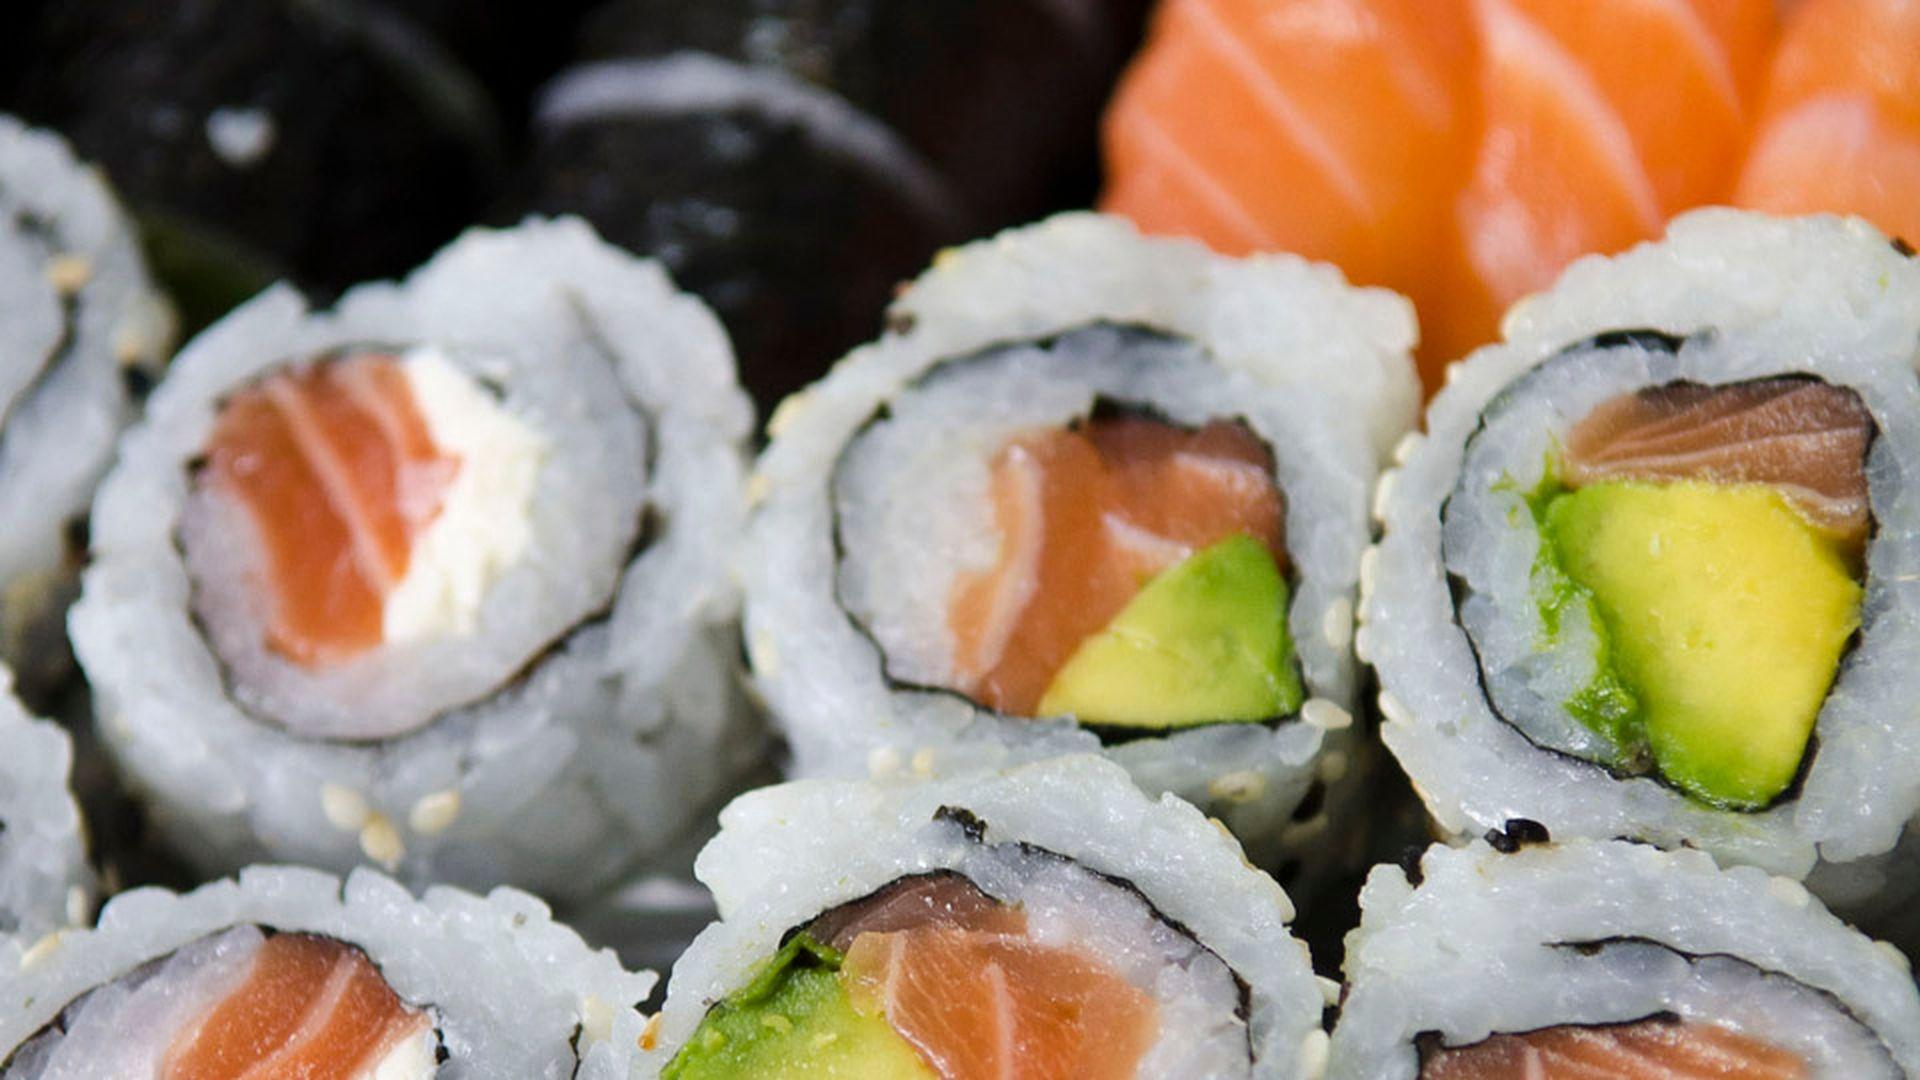 La moda del sushi aumentó considerablemente el consumo de pescado pero con el salmón como monopolio. La especie exótica introducida por empresas noruegas en Chile y producida de manera industrial es figurita repetida en las cartas de toda Argentina.